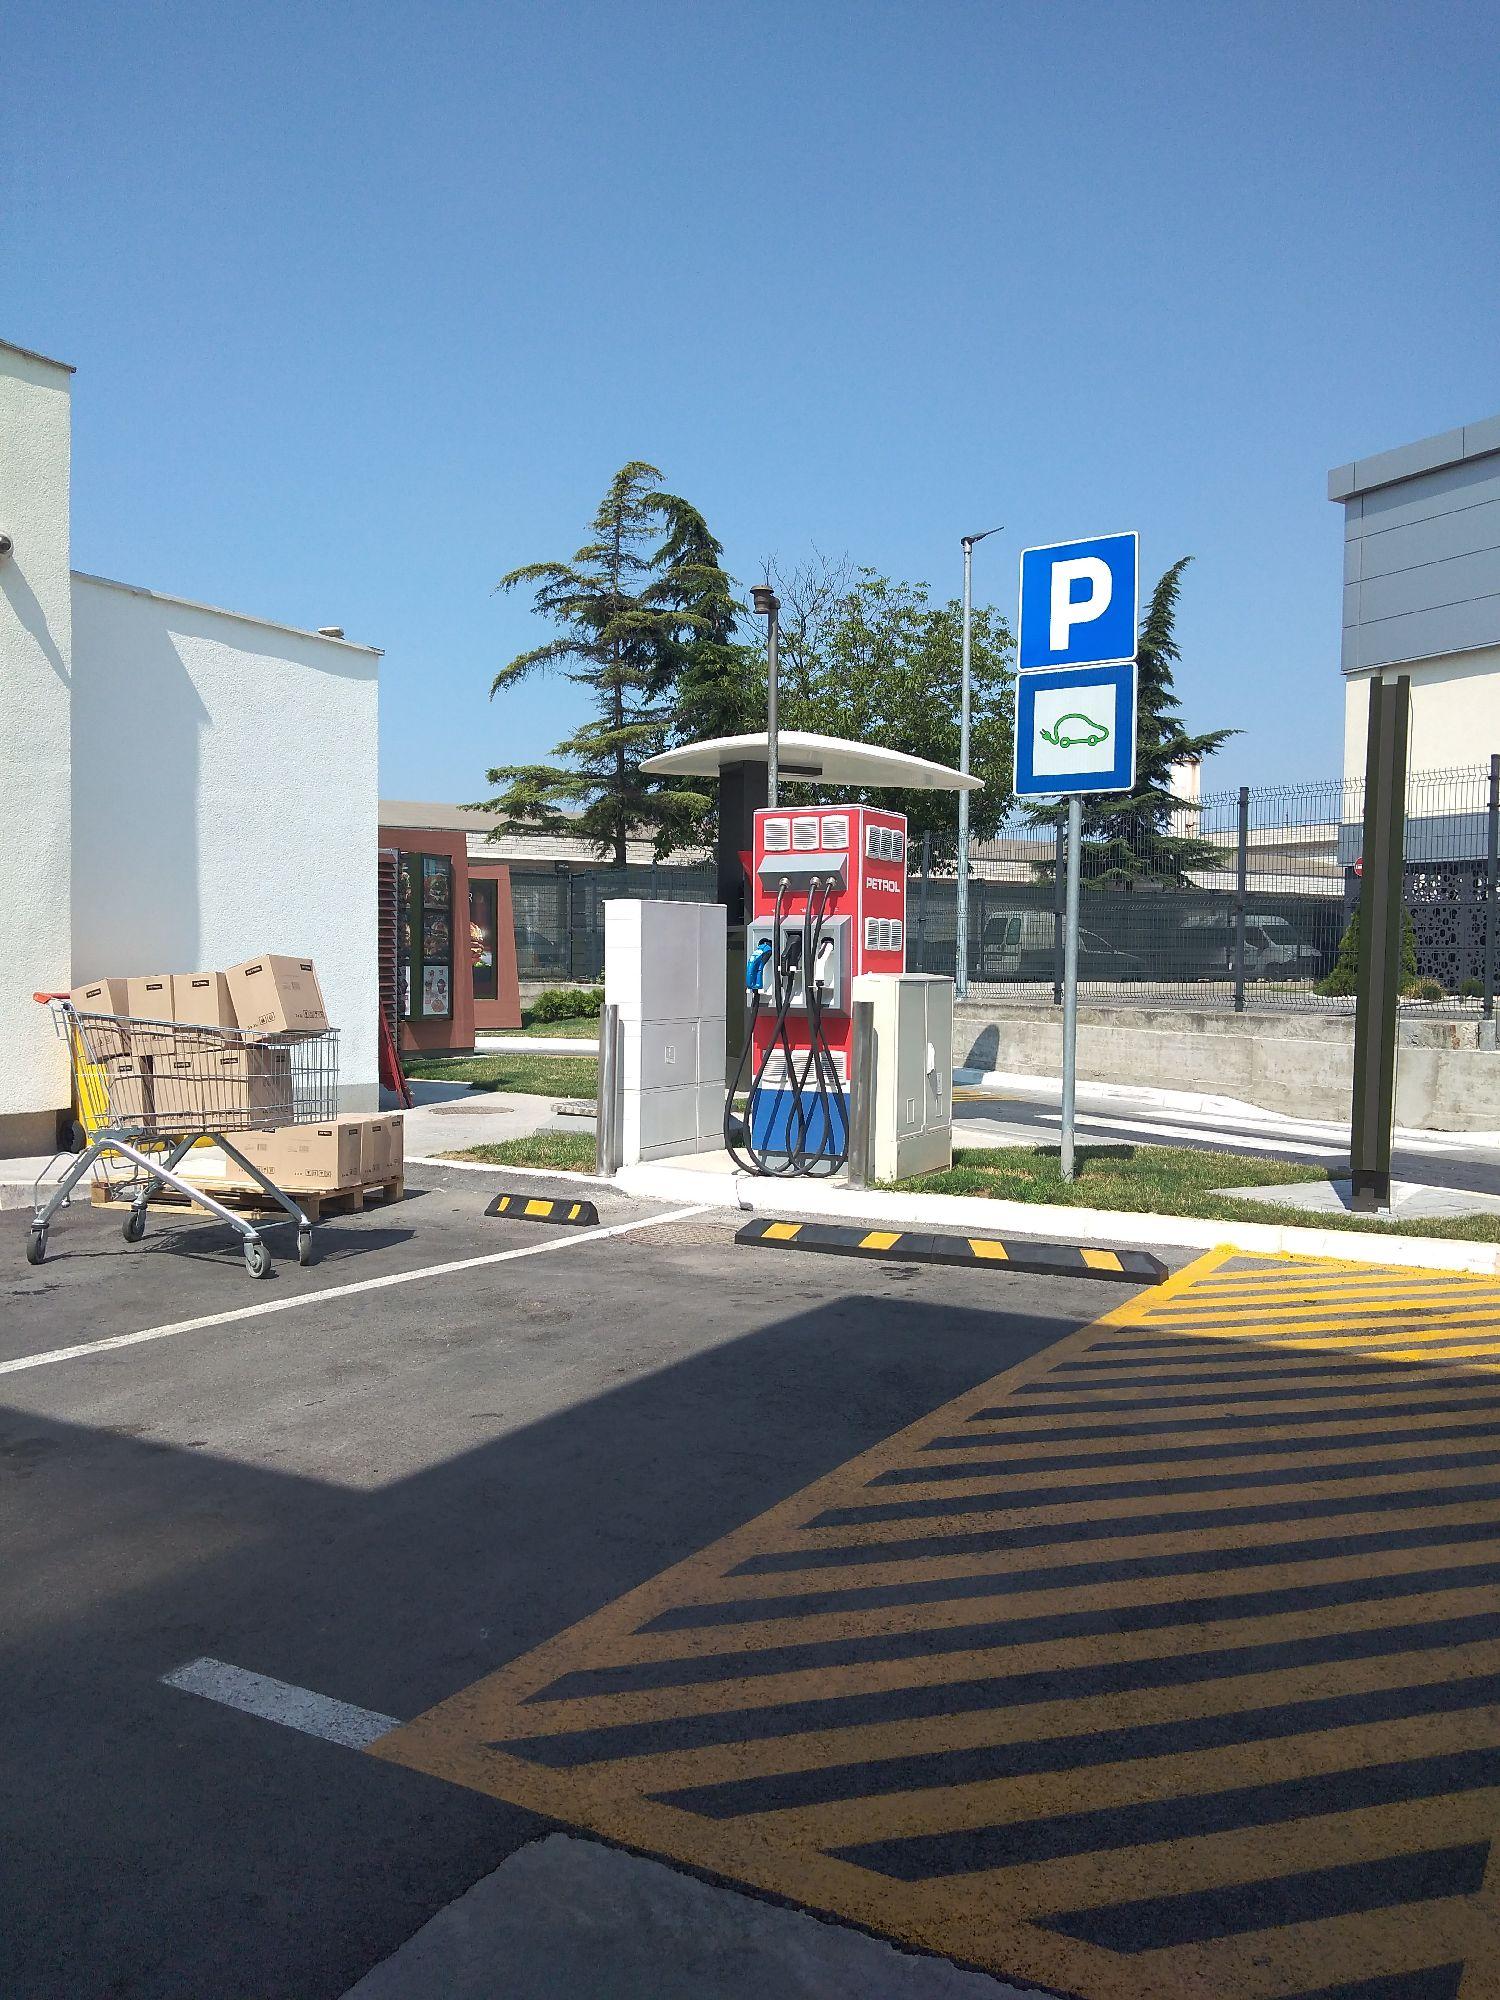 Станица за пуњење електро аутомобила.  Станция зарядки электромобилей.